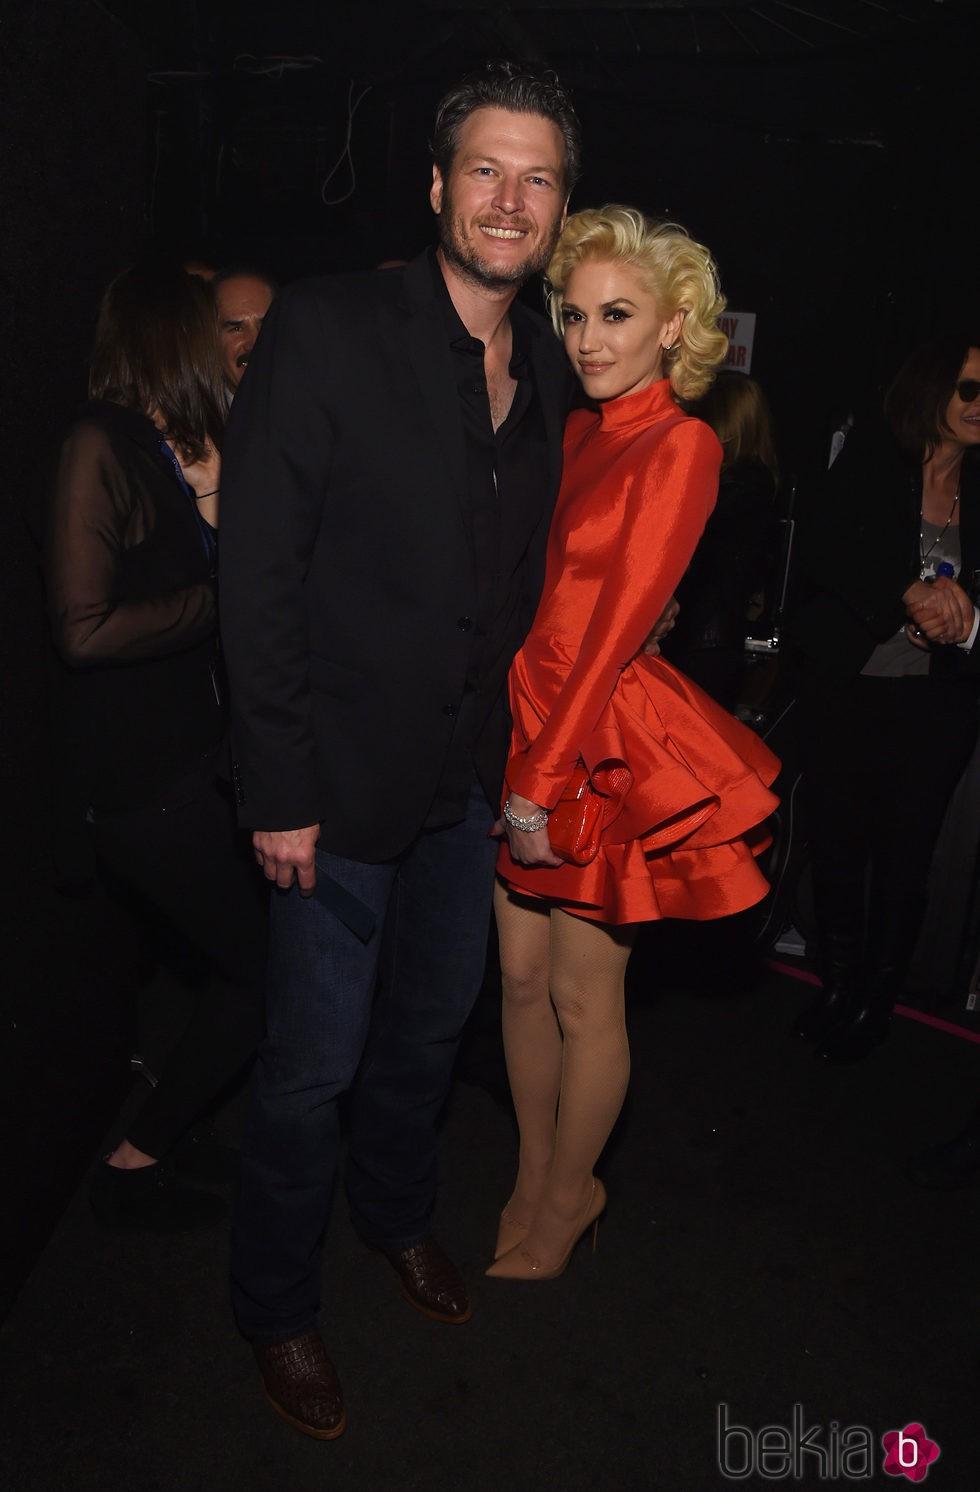 Gwen Stefani y Blake Shelton posando en la fiesta Clive Davis previa a los Grammy 2016